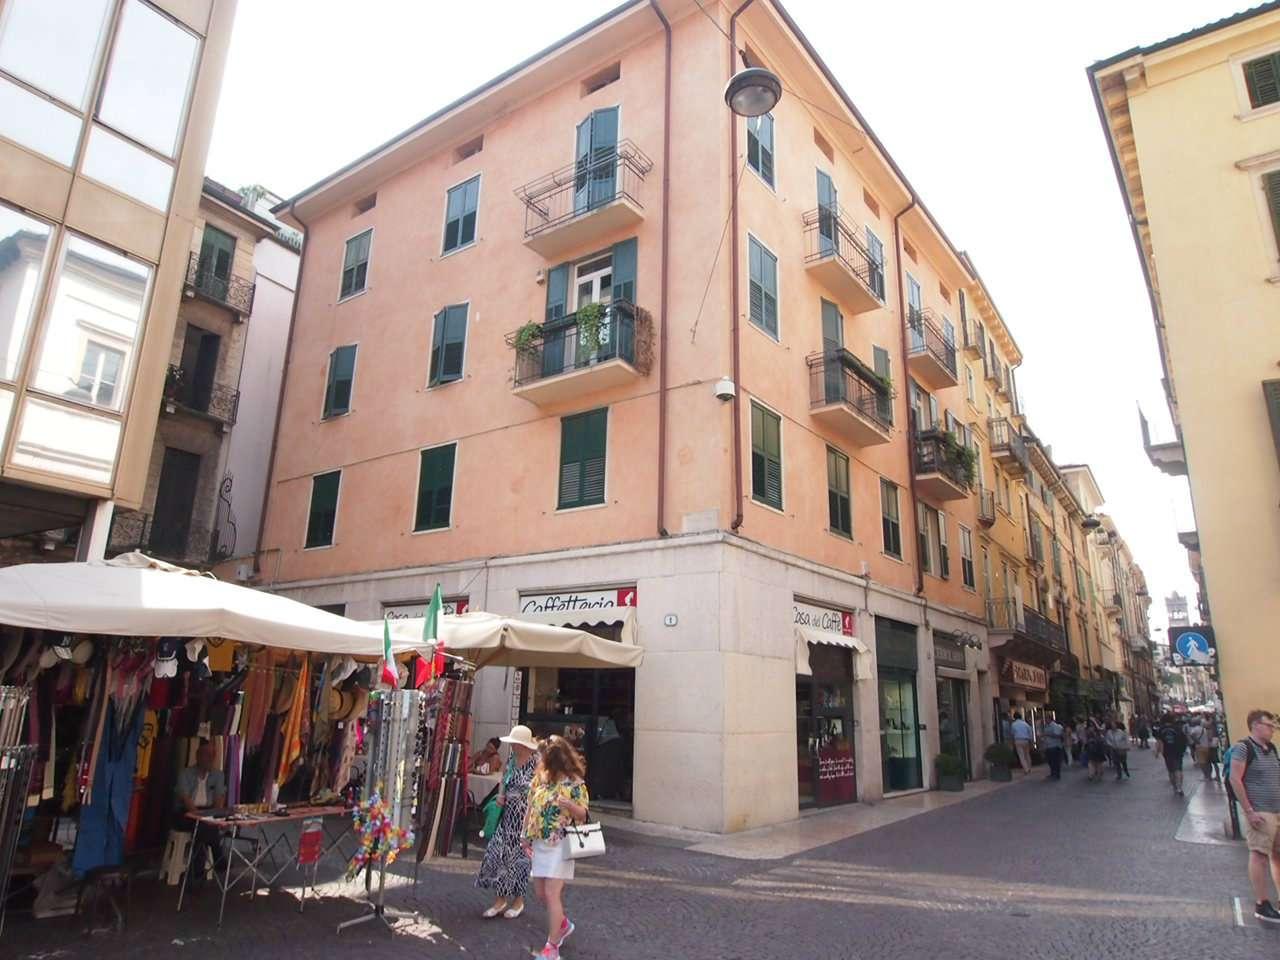 Appartamento in affitto a Verona, 3 locali, zona Zona: 1 . ZTL - Piazza Cittadella - San Zeno - Stadio, prezzo € 780 | Cambio Casa.it